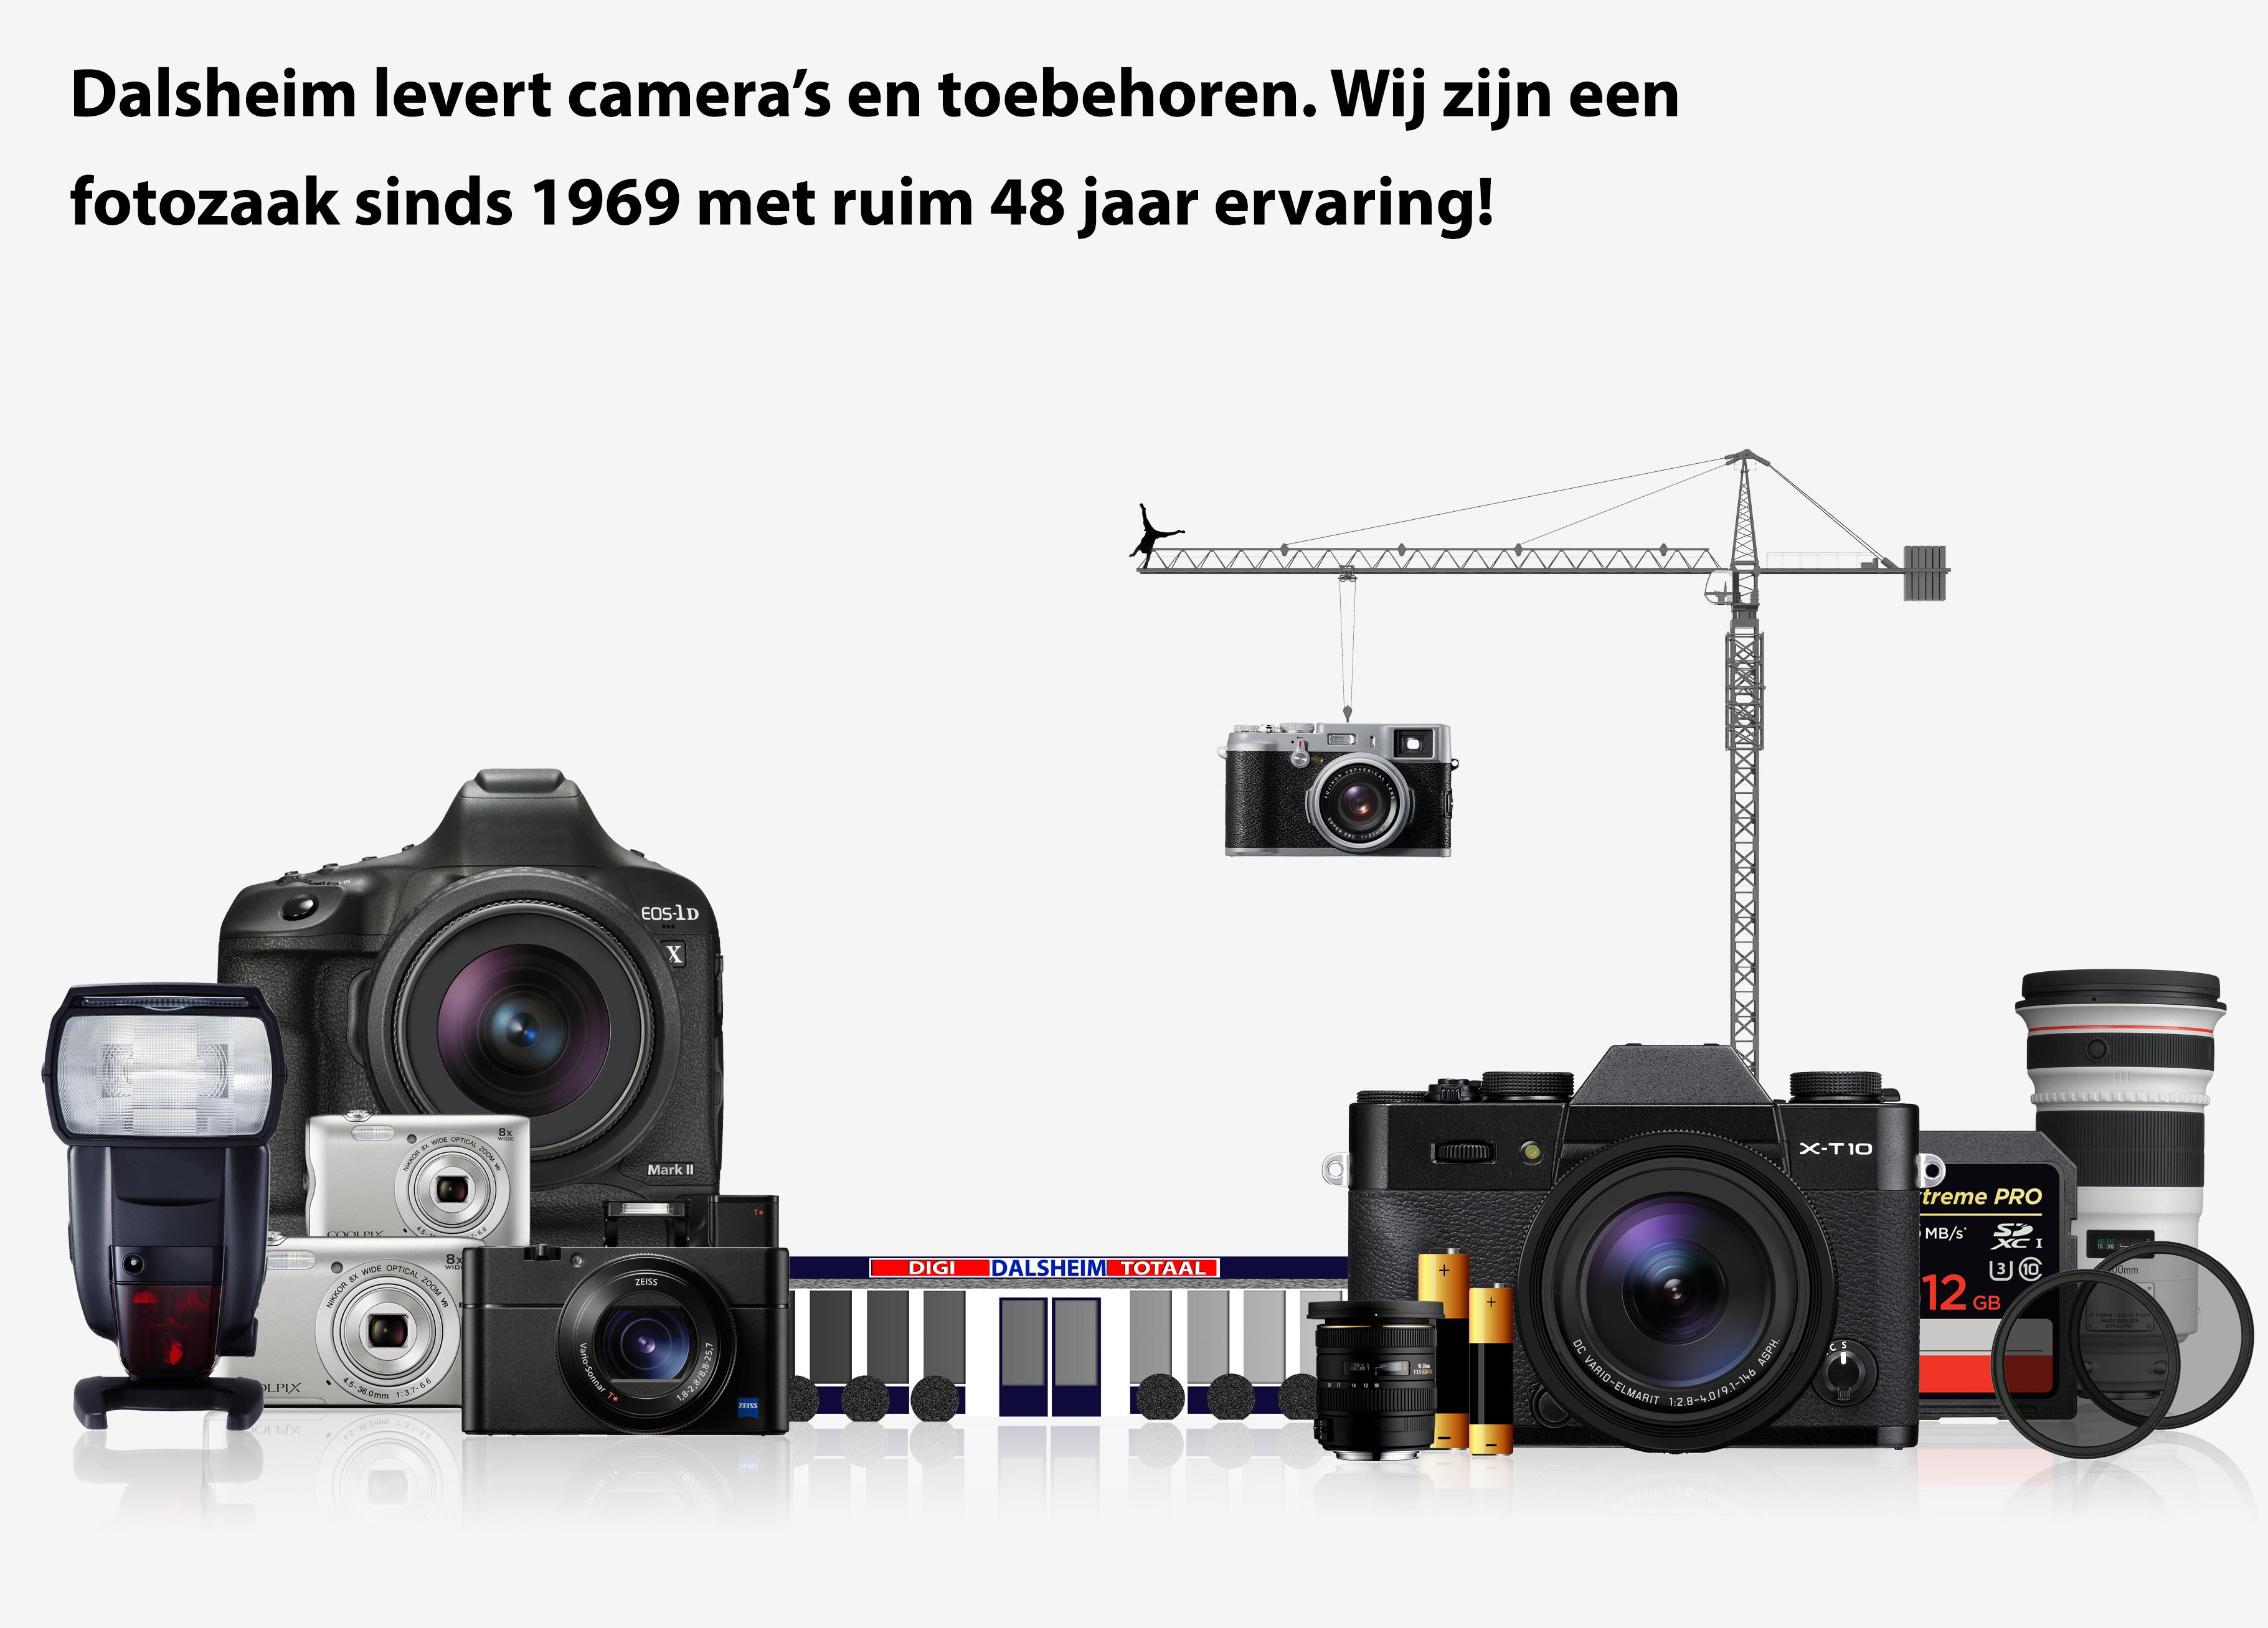 dalsheim digi-totaal fotograaf fotografie